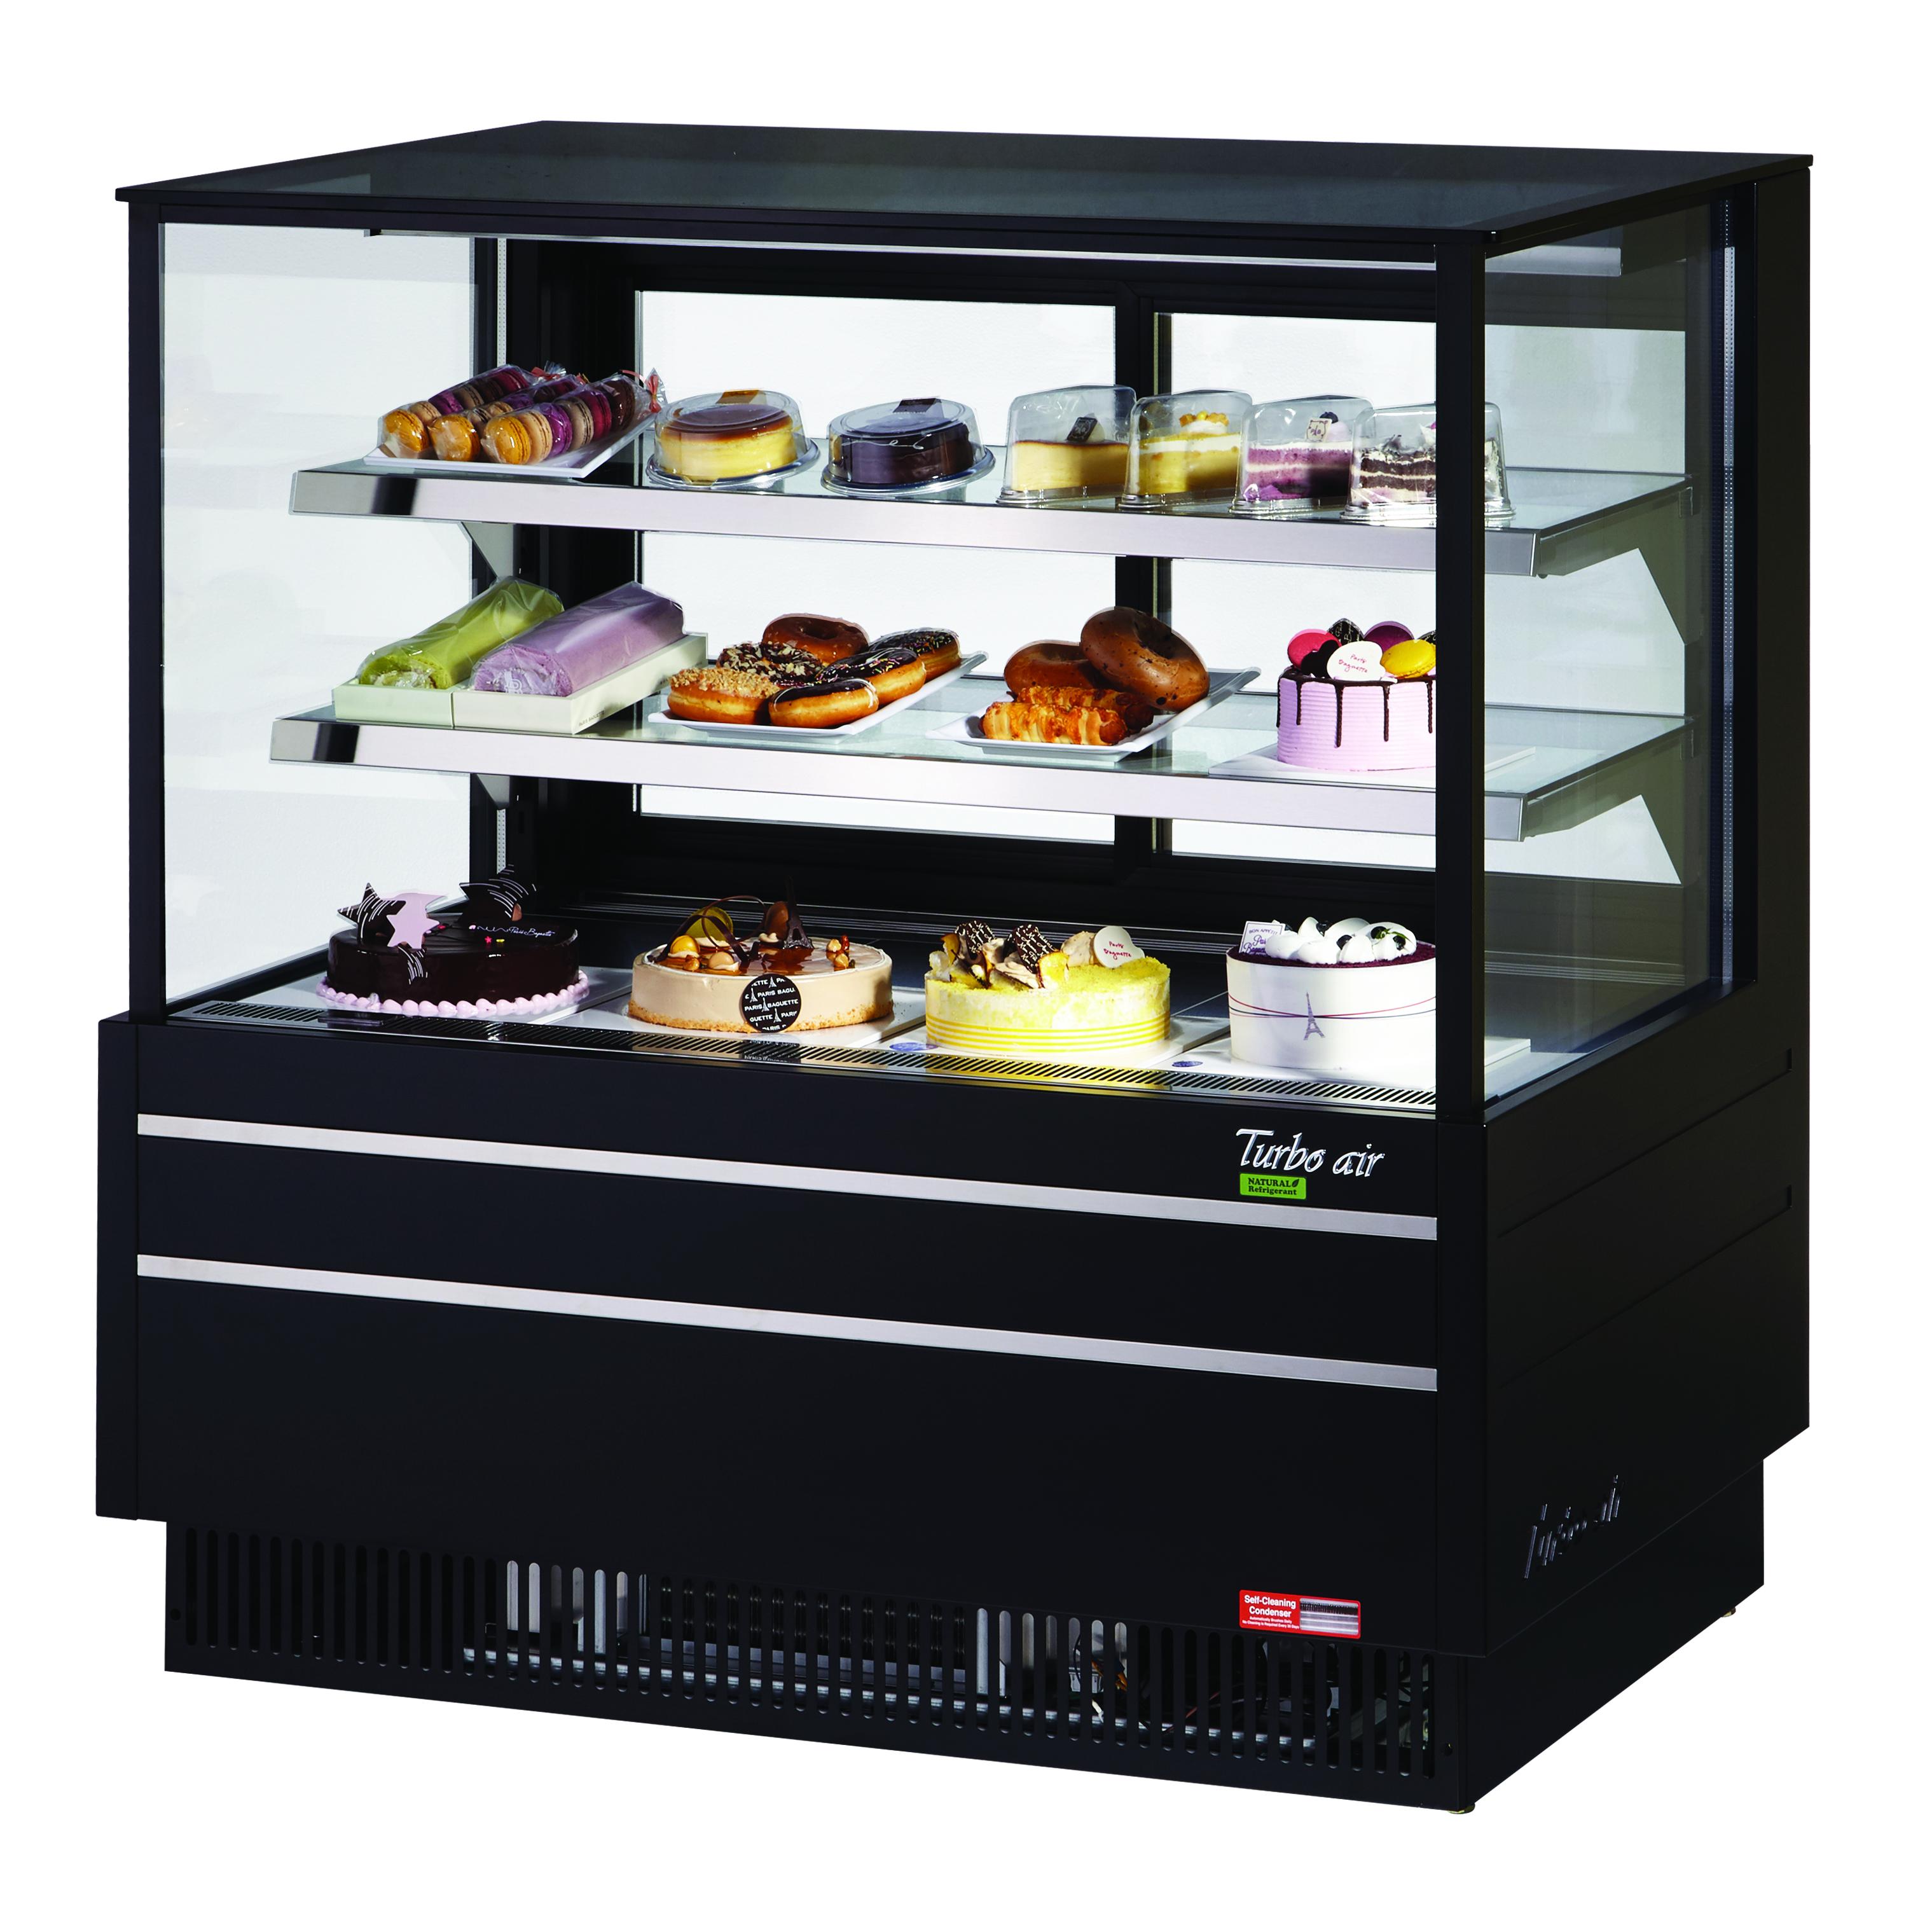 Turbo Air TCGB-36UF-W(B)-N display case, refrigerated